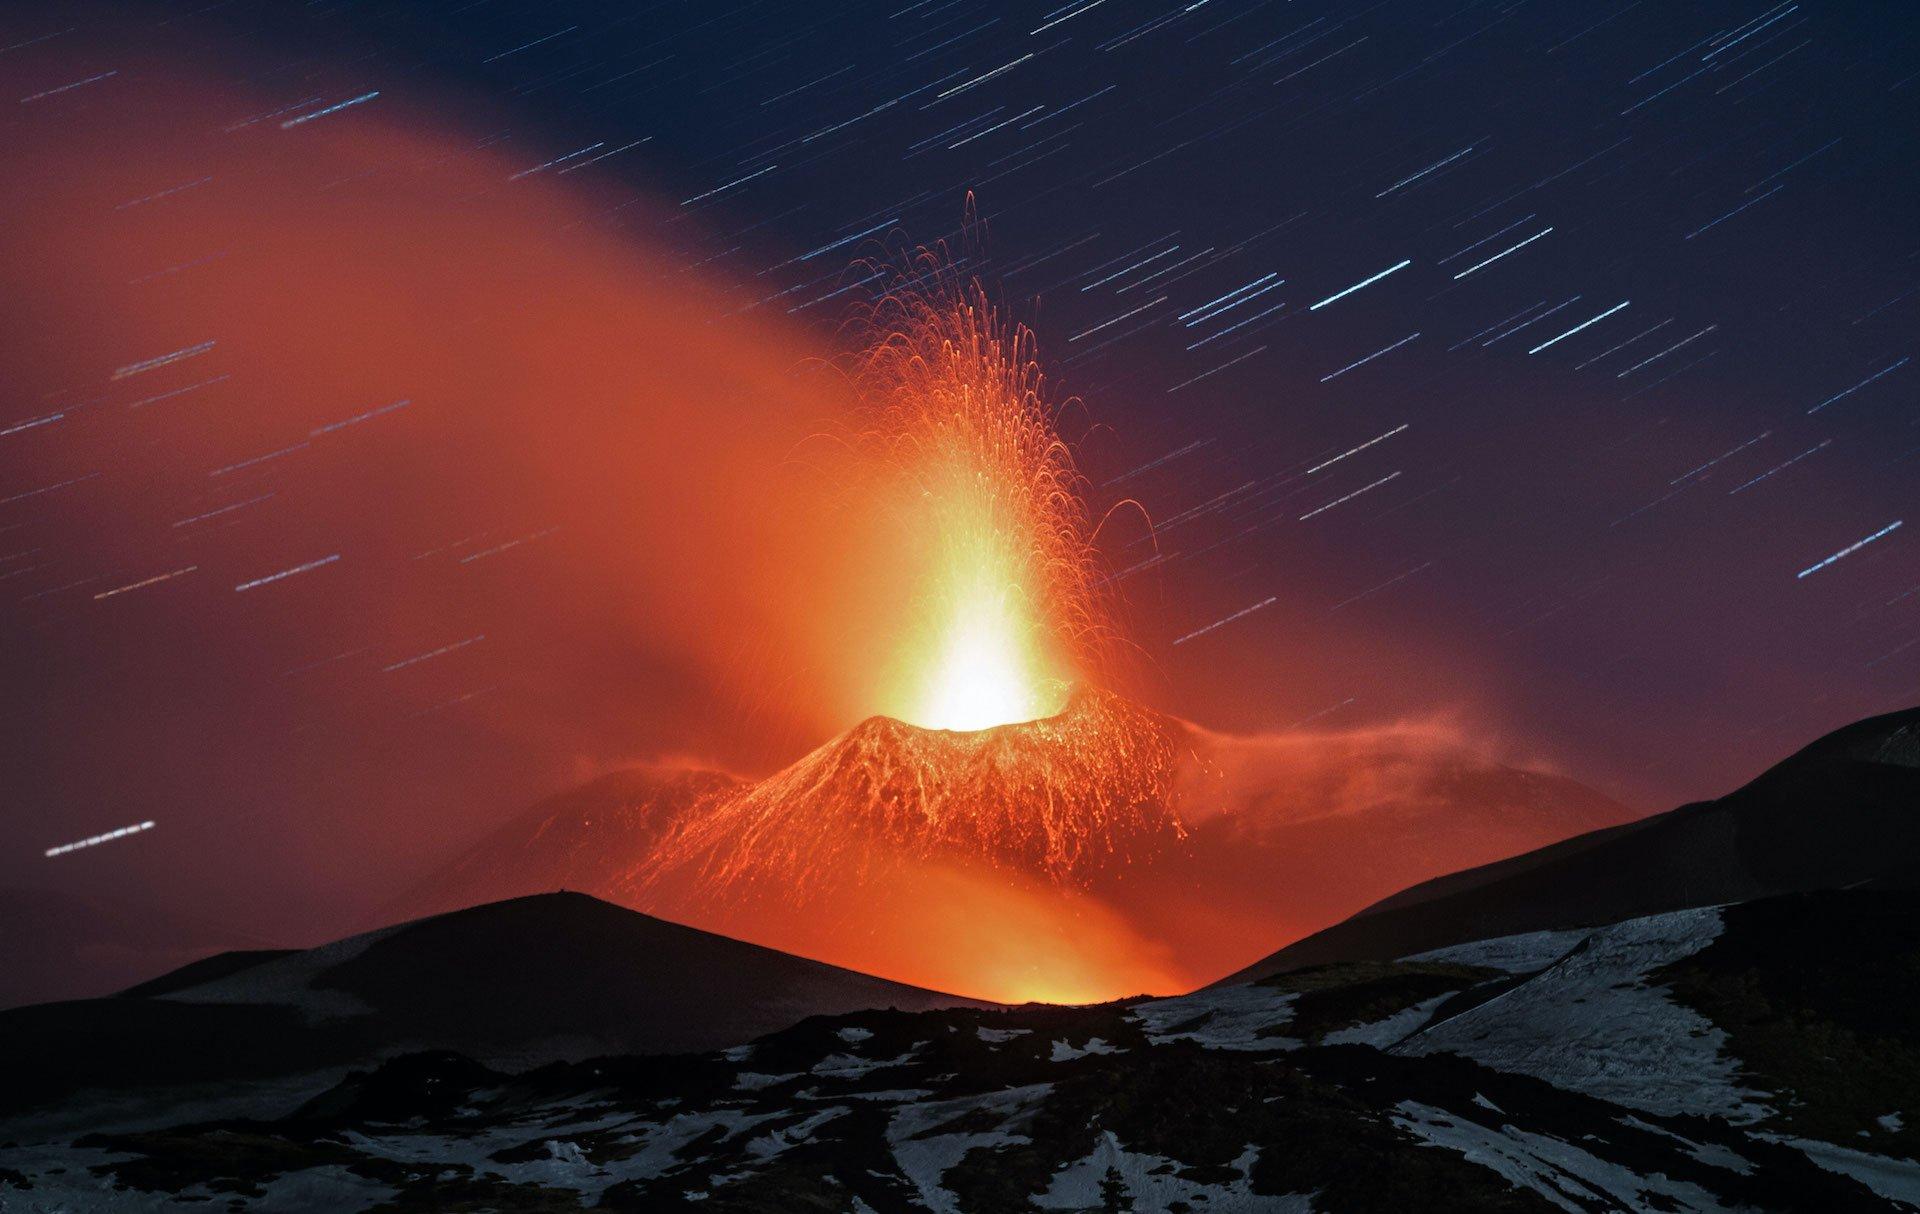 Qué peligros puede provocar la erupción de un volcán — Conocedores.com